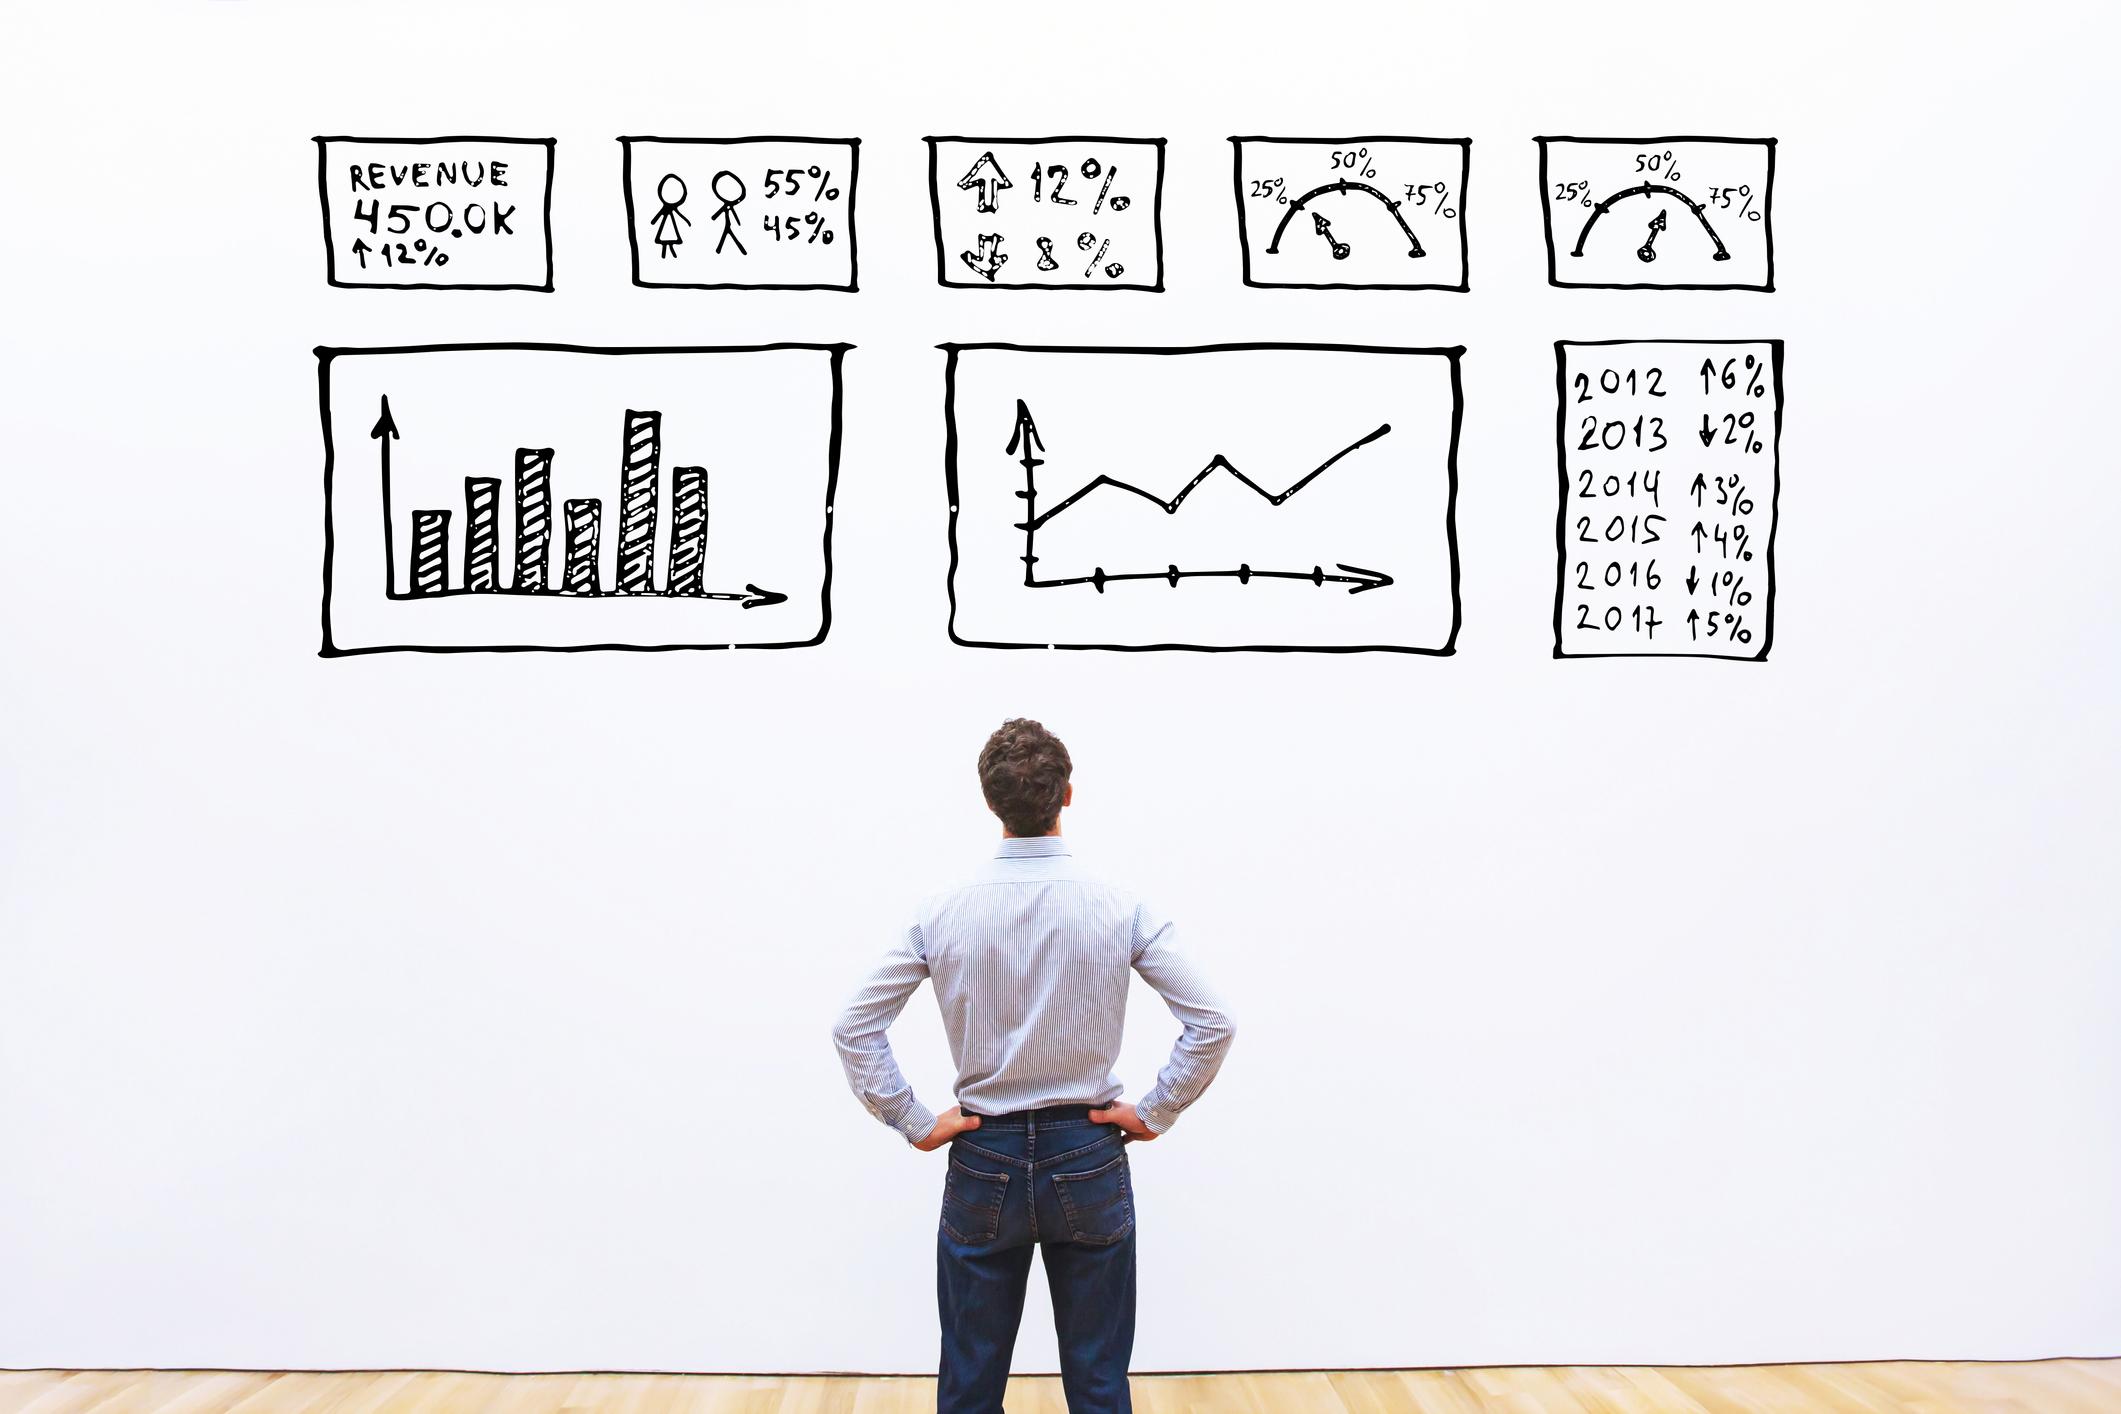 Man looks up at various charts and graphs.